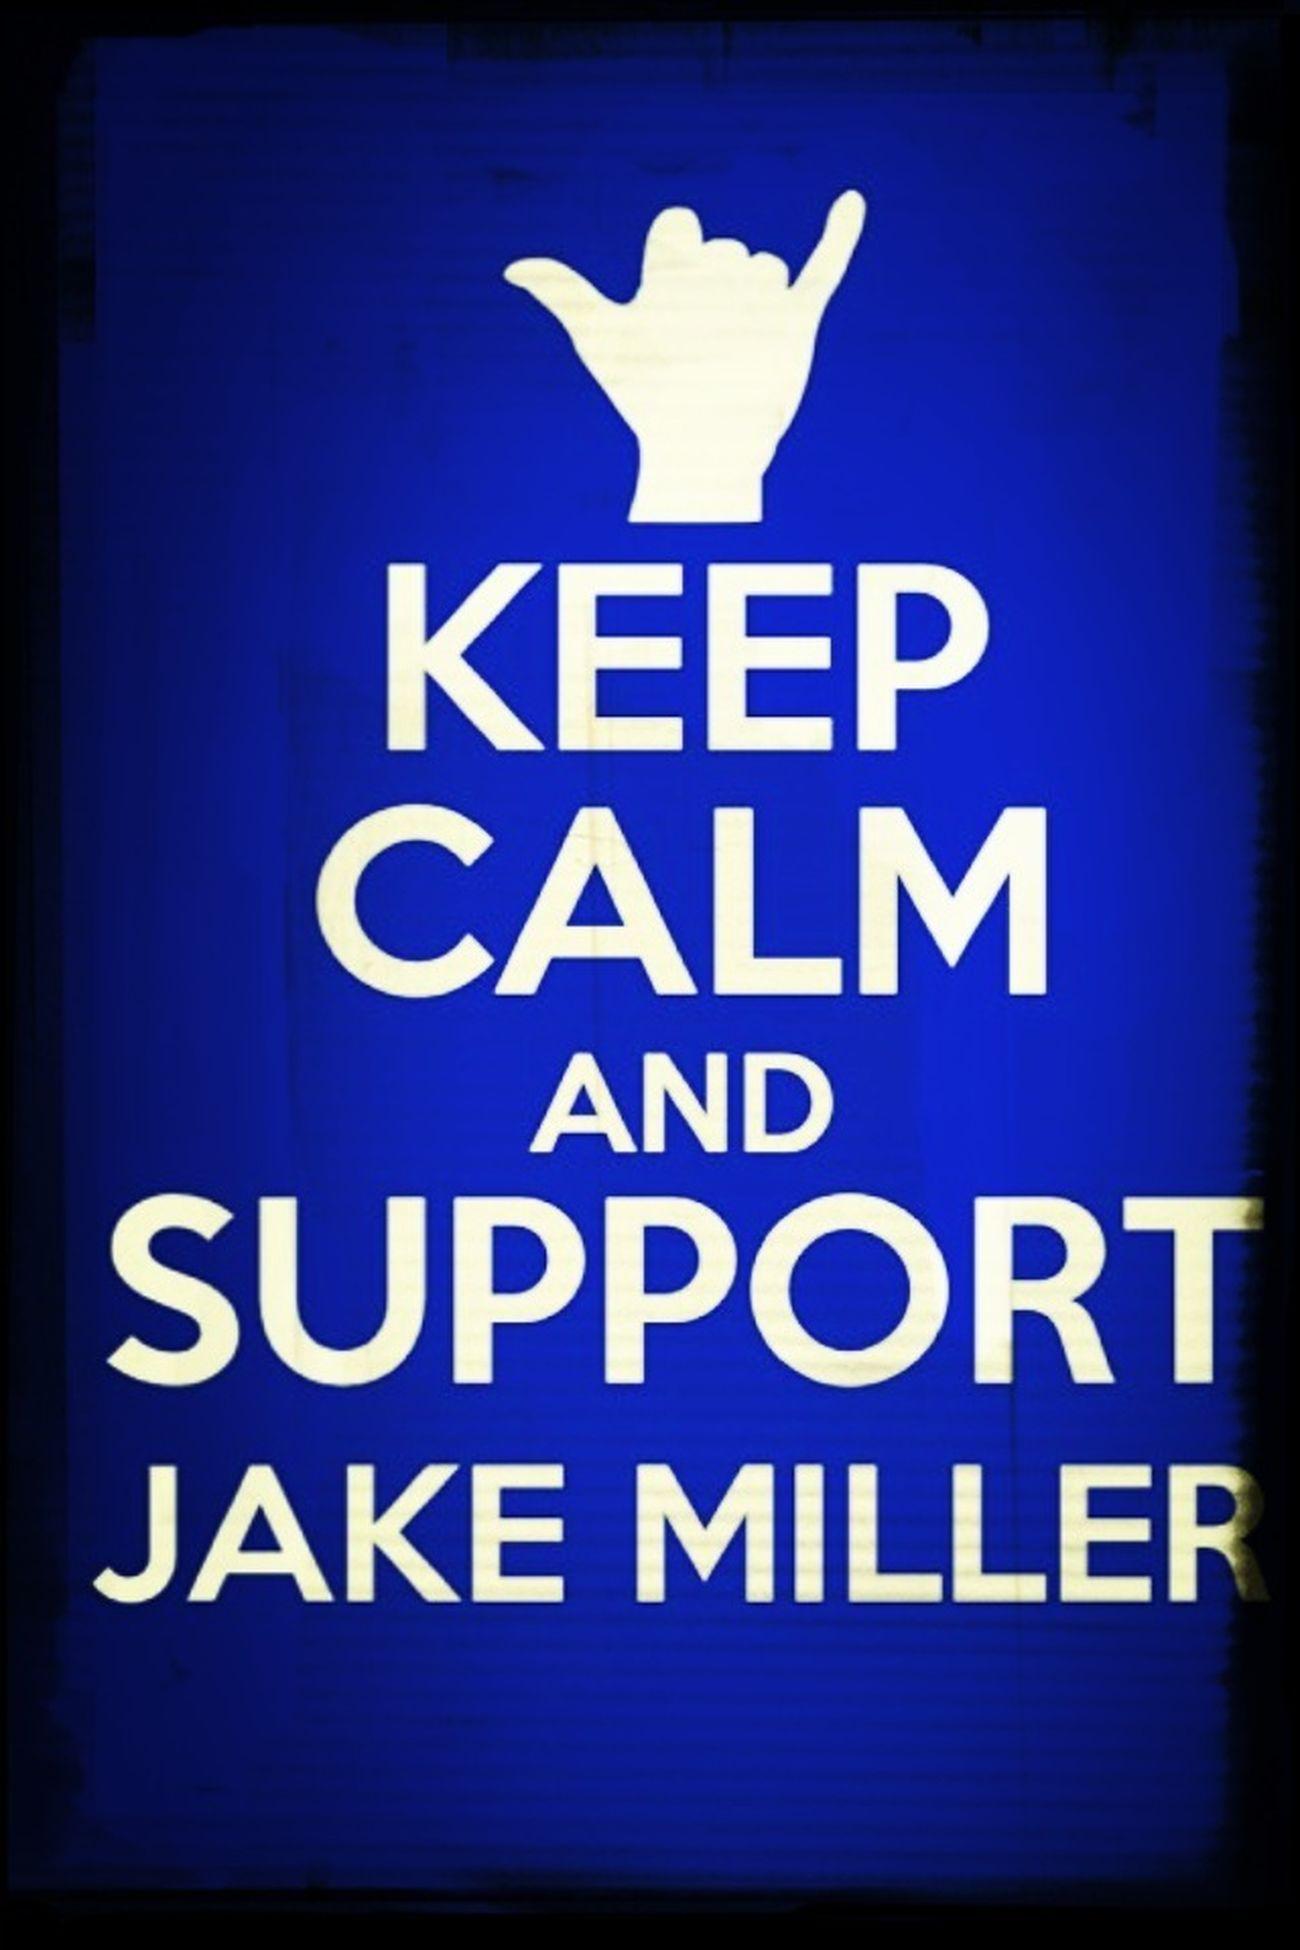 JakeMillerMusic